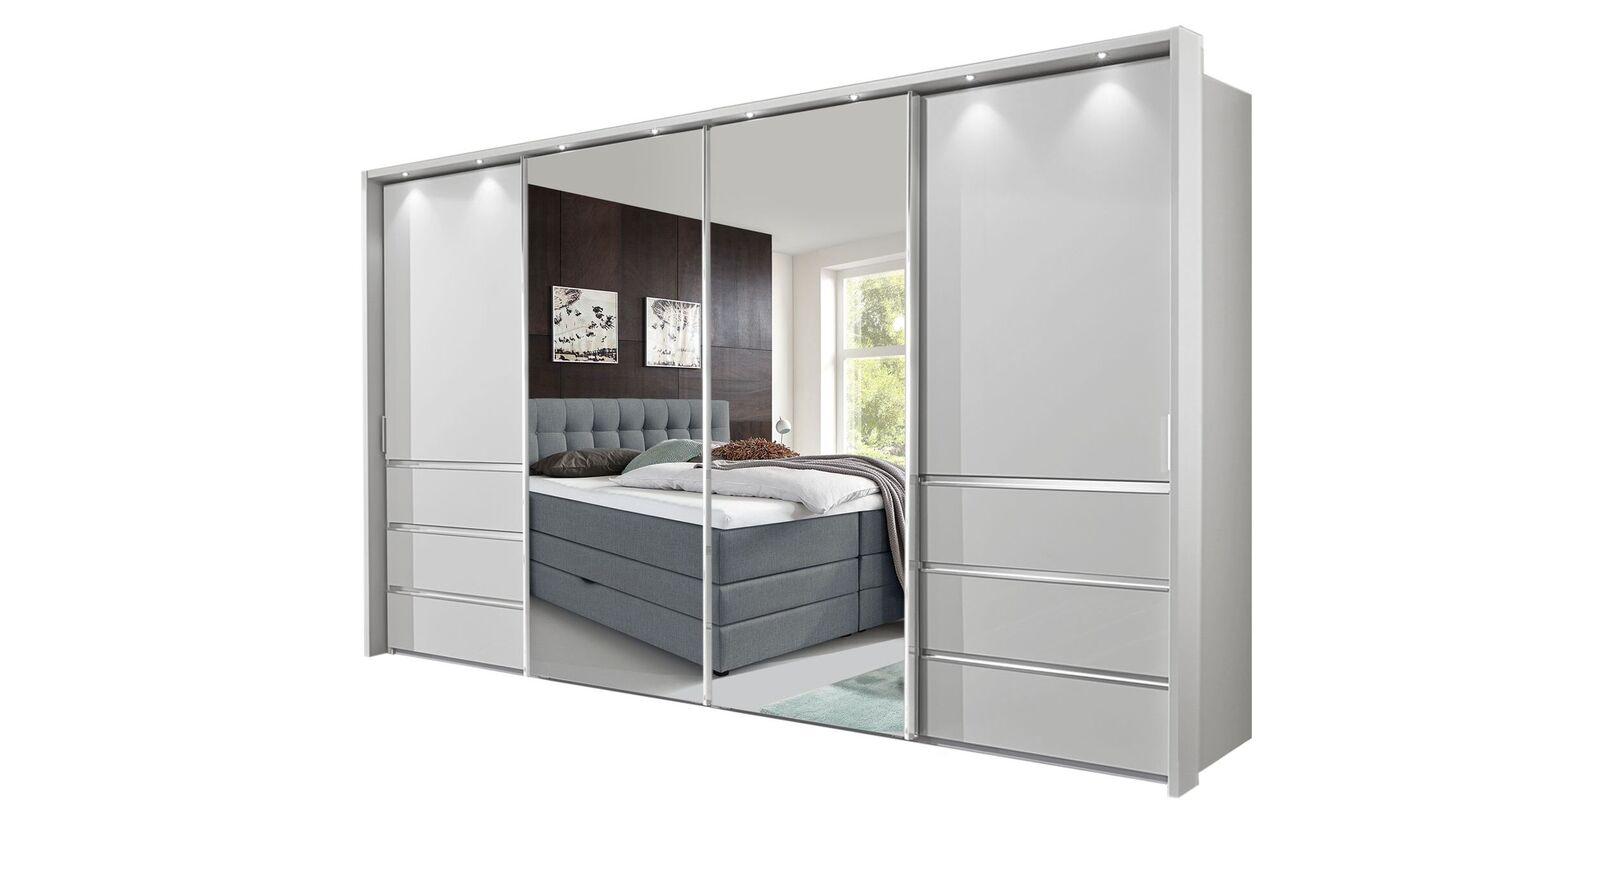 Spiegel-Schwebetüren-Kleiderschrank Tanaria in 330 cm Breite